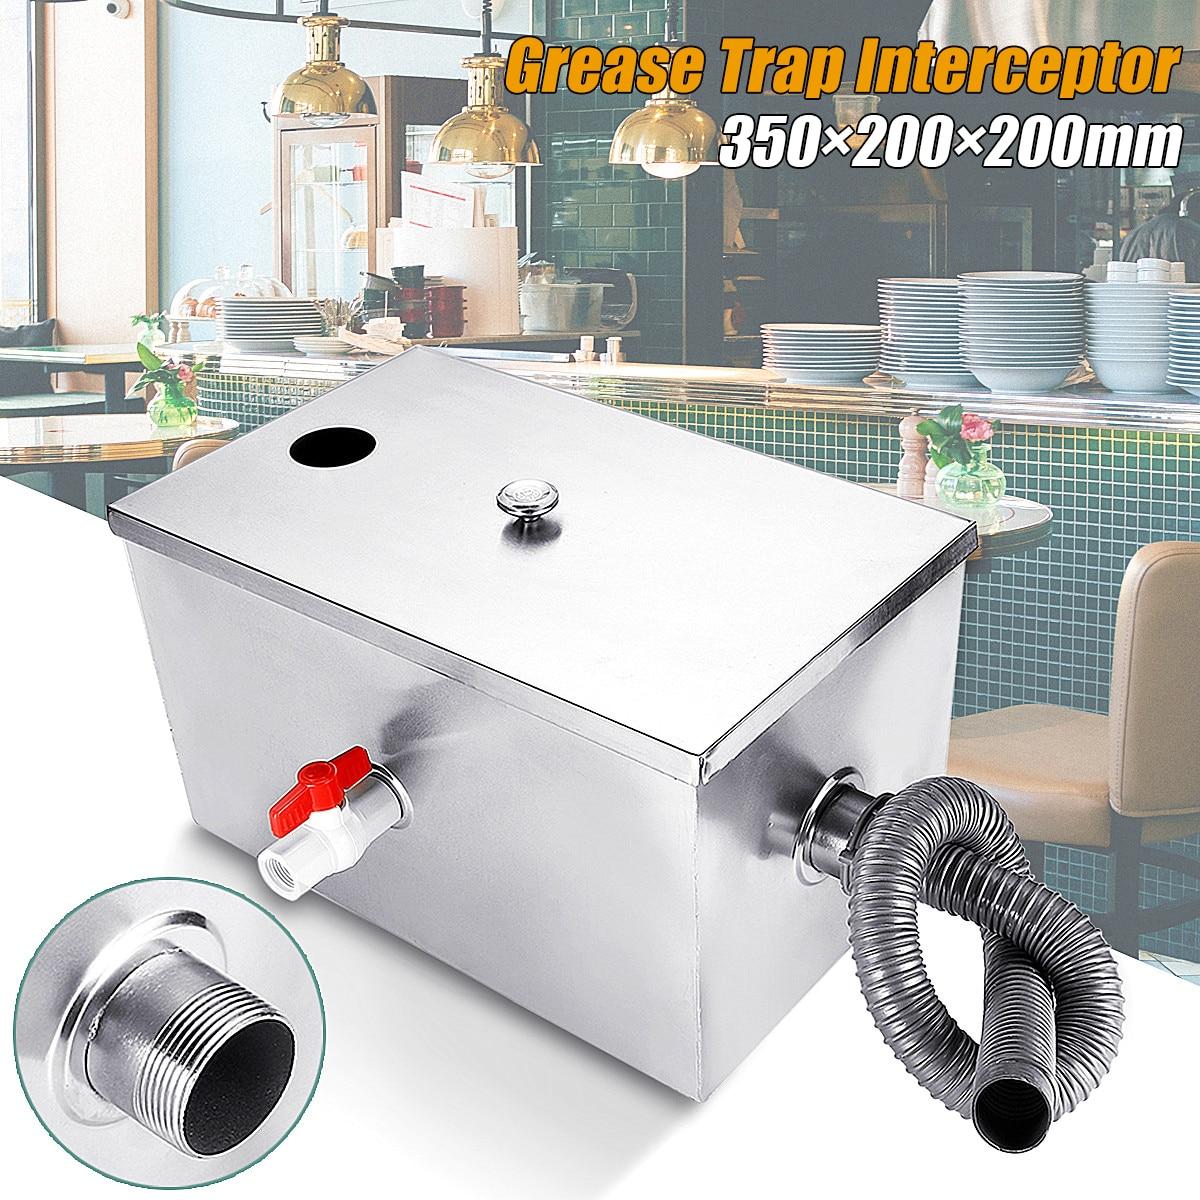 14x8x8\'\' Stainless Steel Grease Trap Interceptor Restaurant Kitchen ...